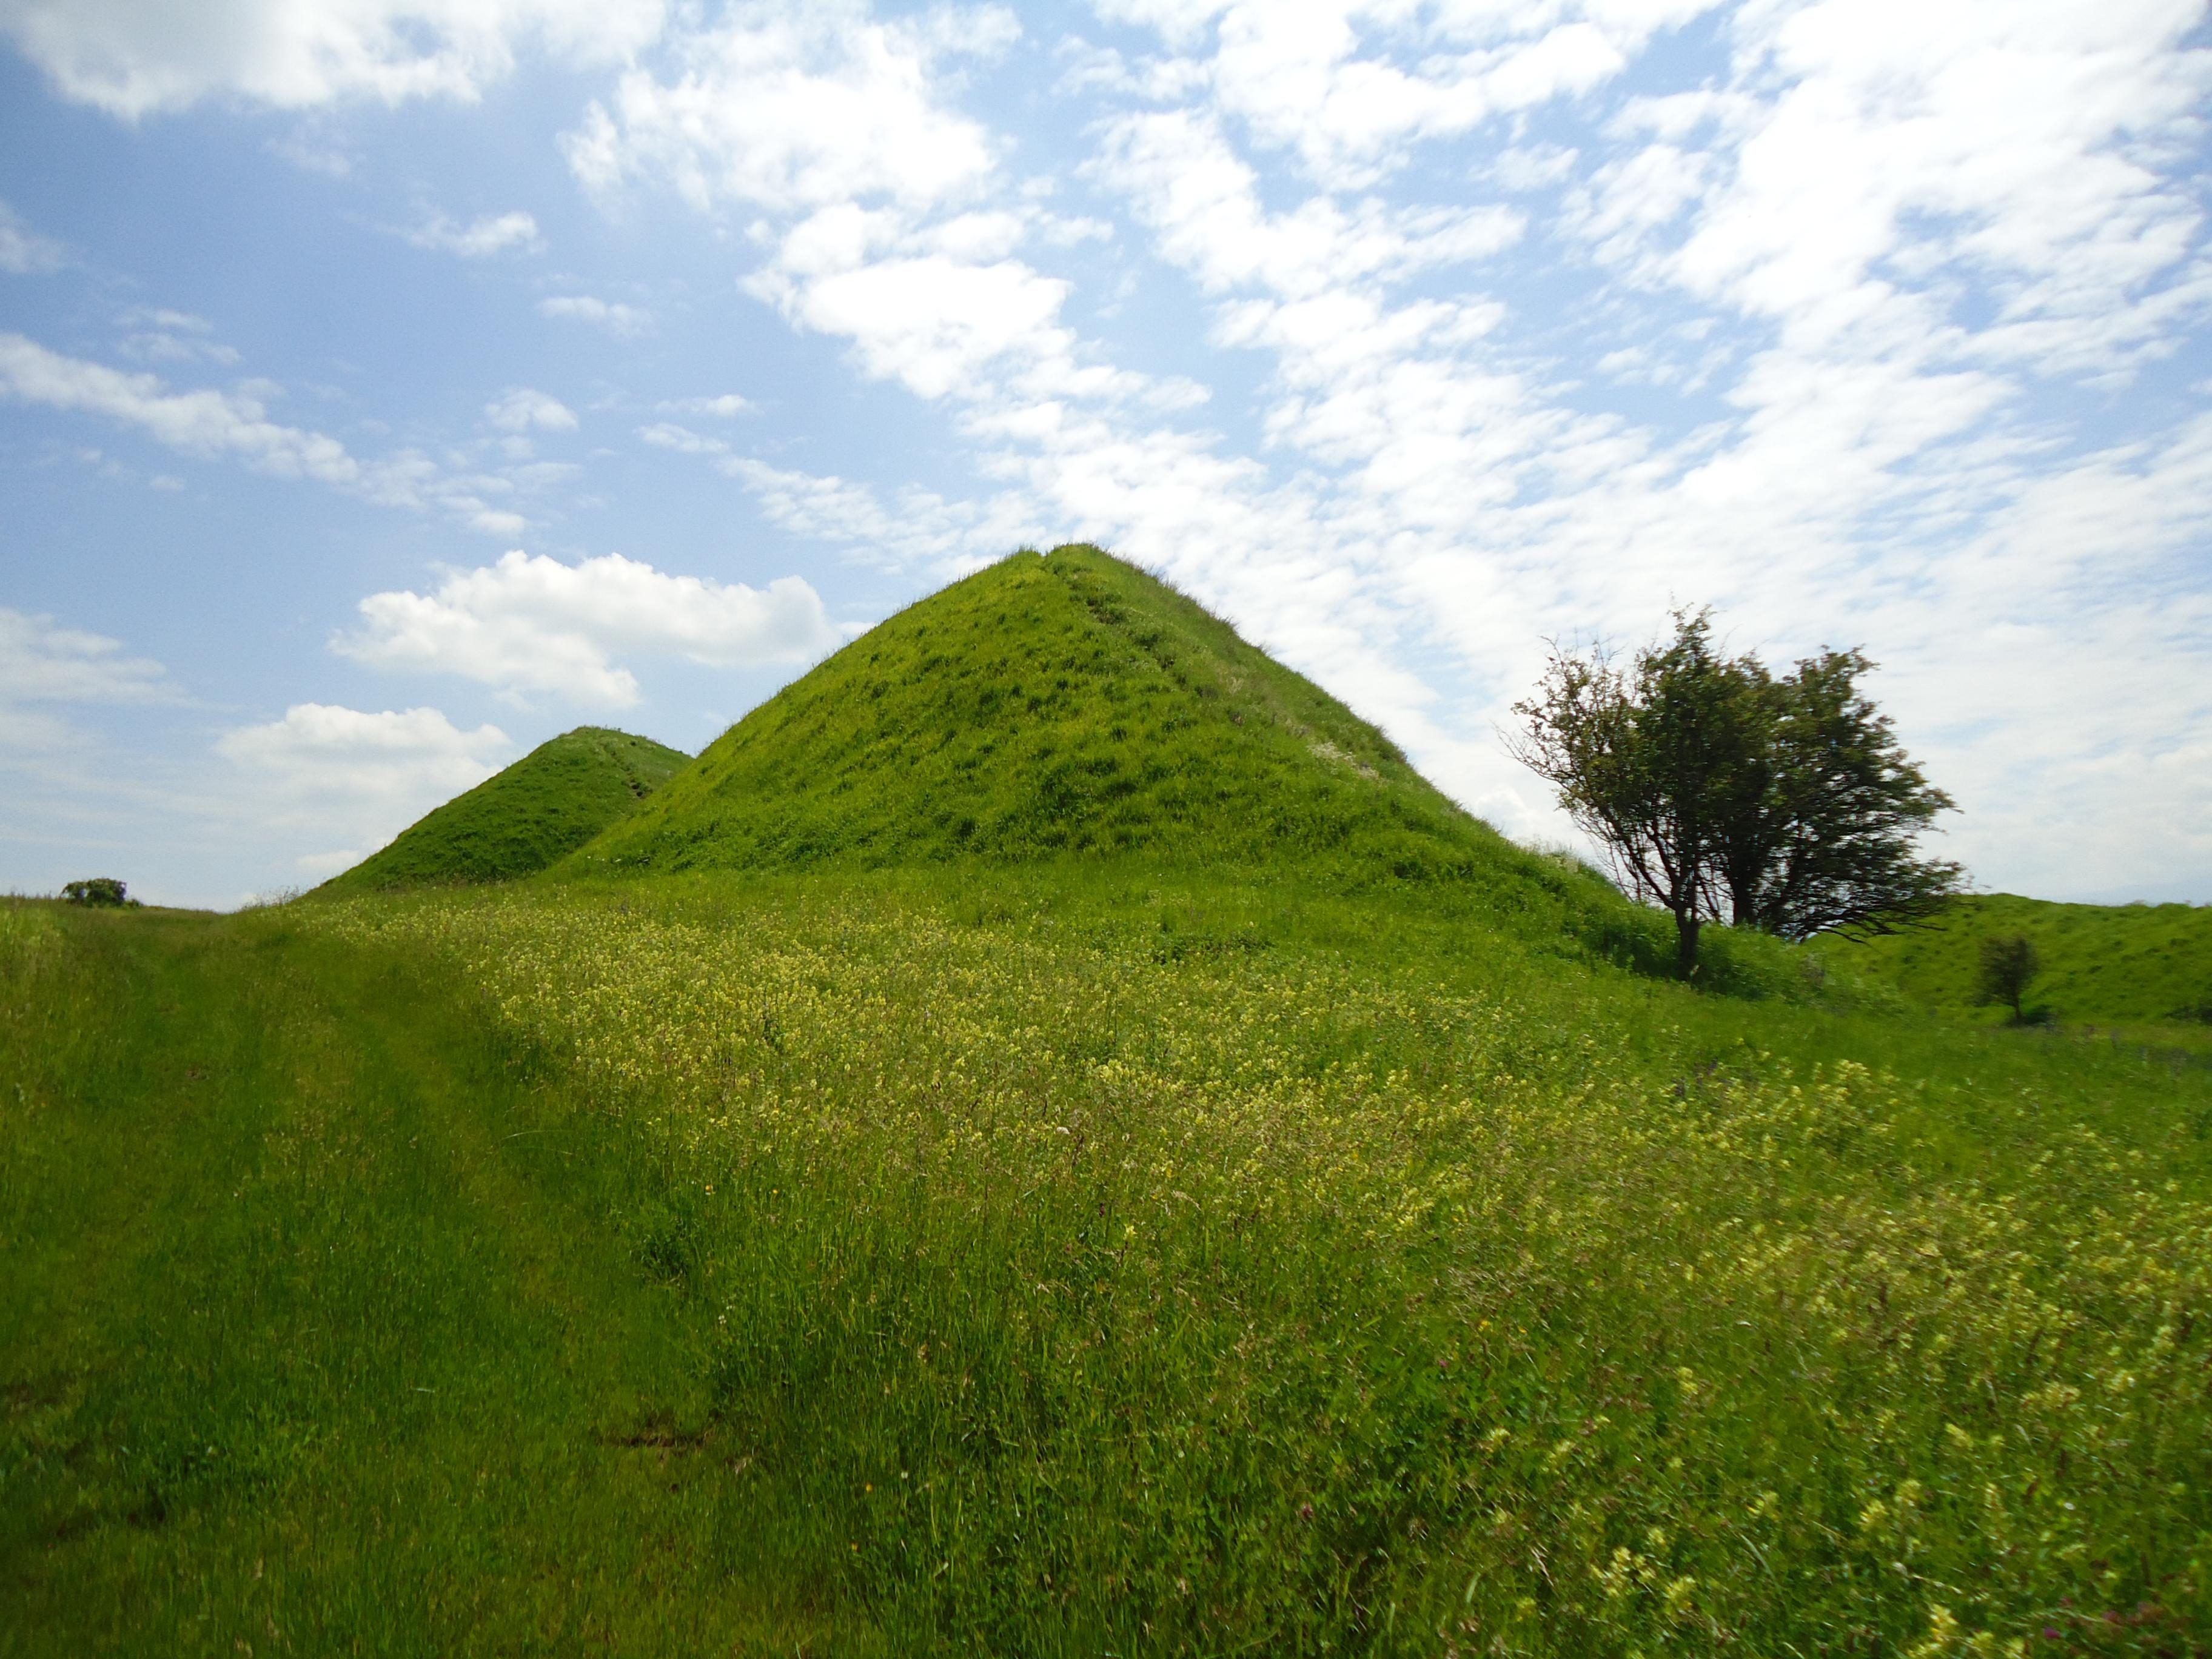 Imagini pentru piramidele de la sona